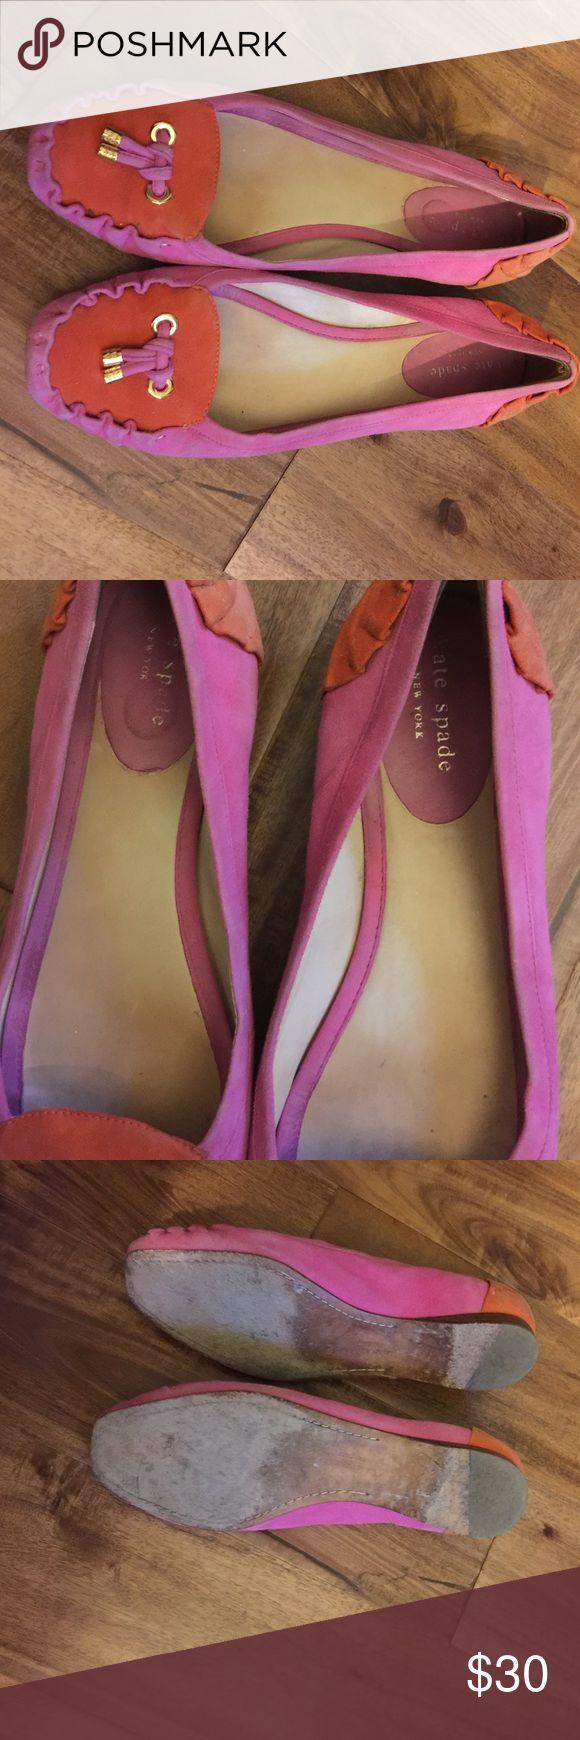 Kade spade pink and orange flats Kate spade pink and orange flats kate spade Shoes Flats & Loafers